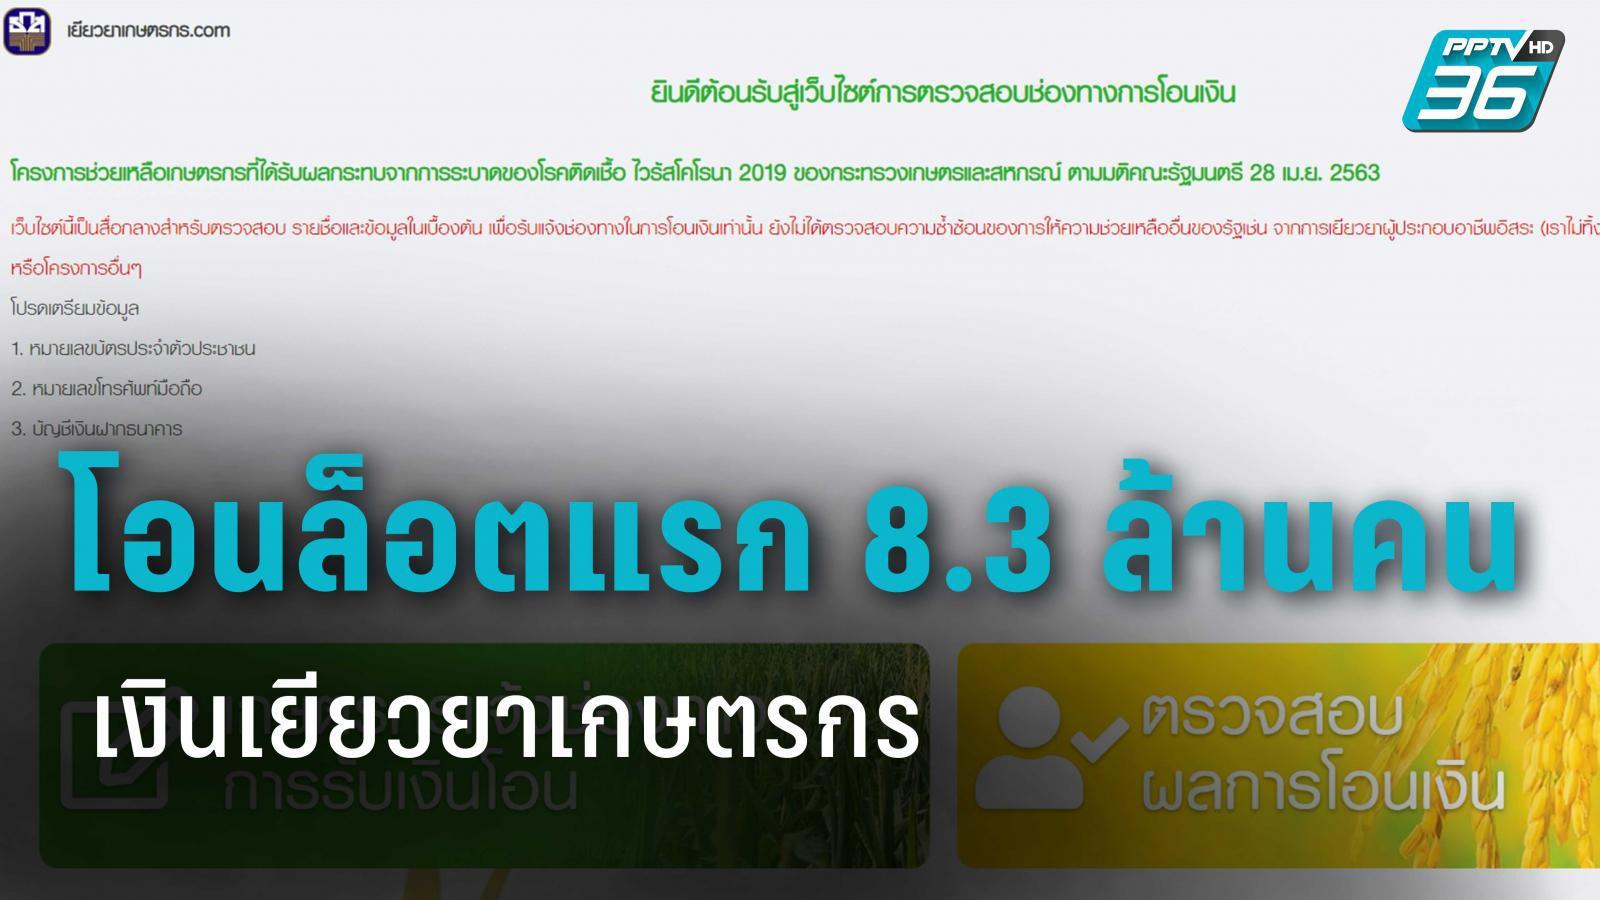 เช็กเลย!! www.เยียวยาเกษตรกร.com ธ.ก.ส. โอนเงินล็อตแรก 8.3 ล้านคน